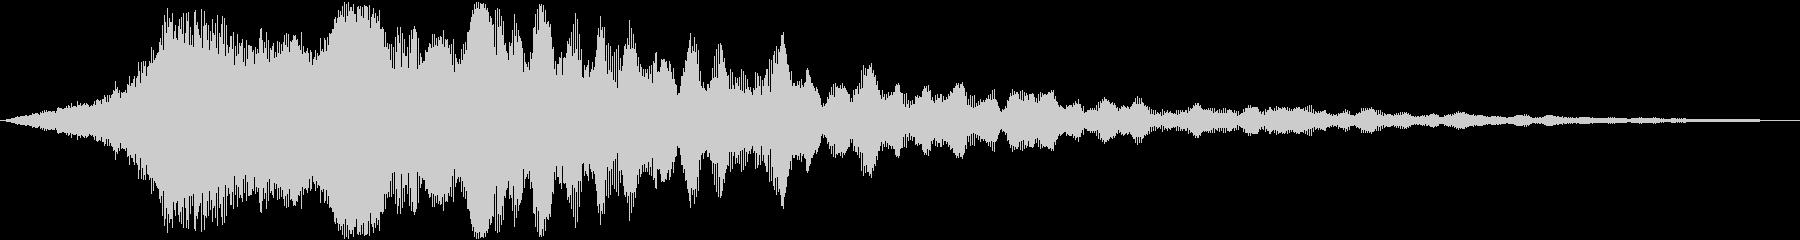 迫力のタイトルロゴ(映画・トレーラー)4の未再生の波形